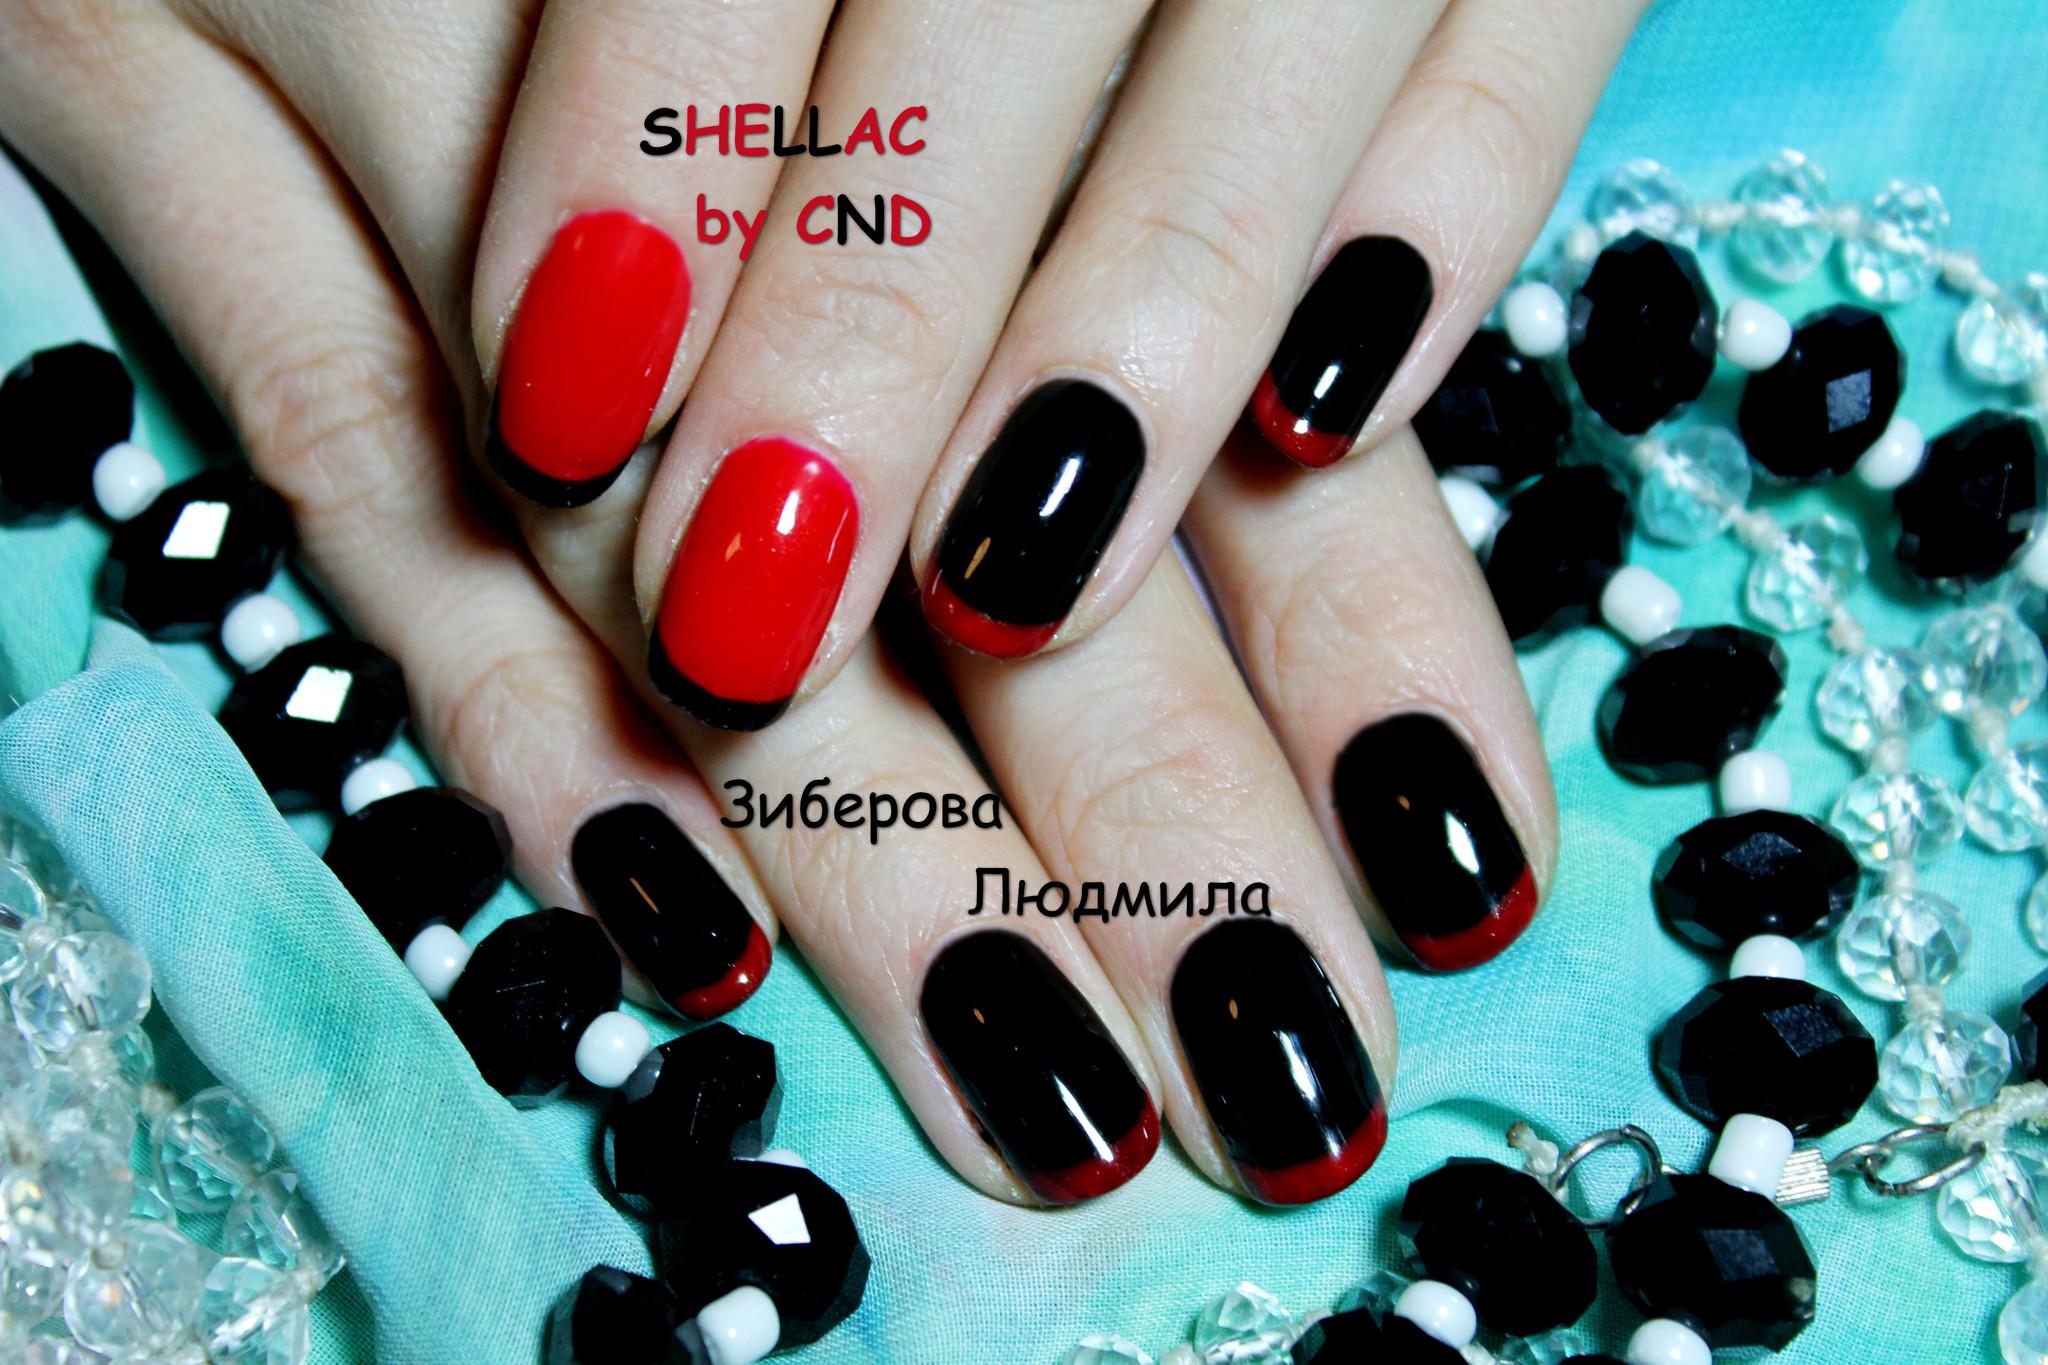 Shellac, Наращивание ногтей в Энергодаре, обучение